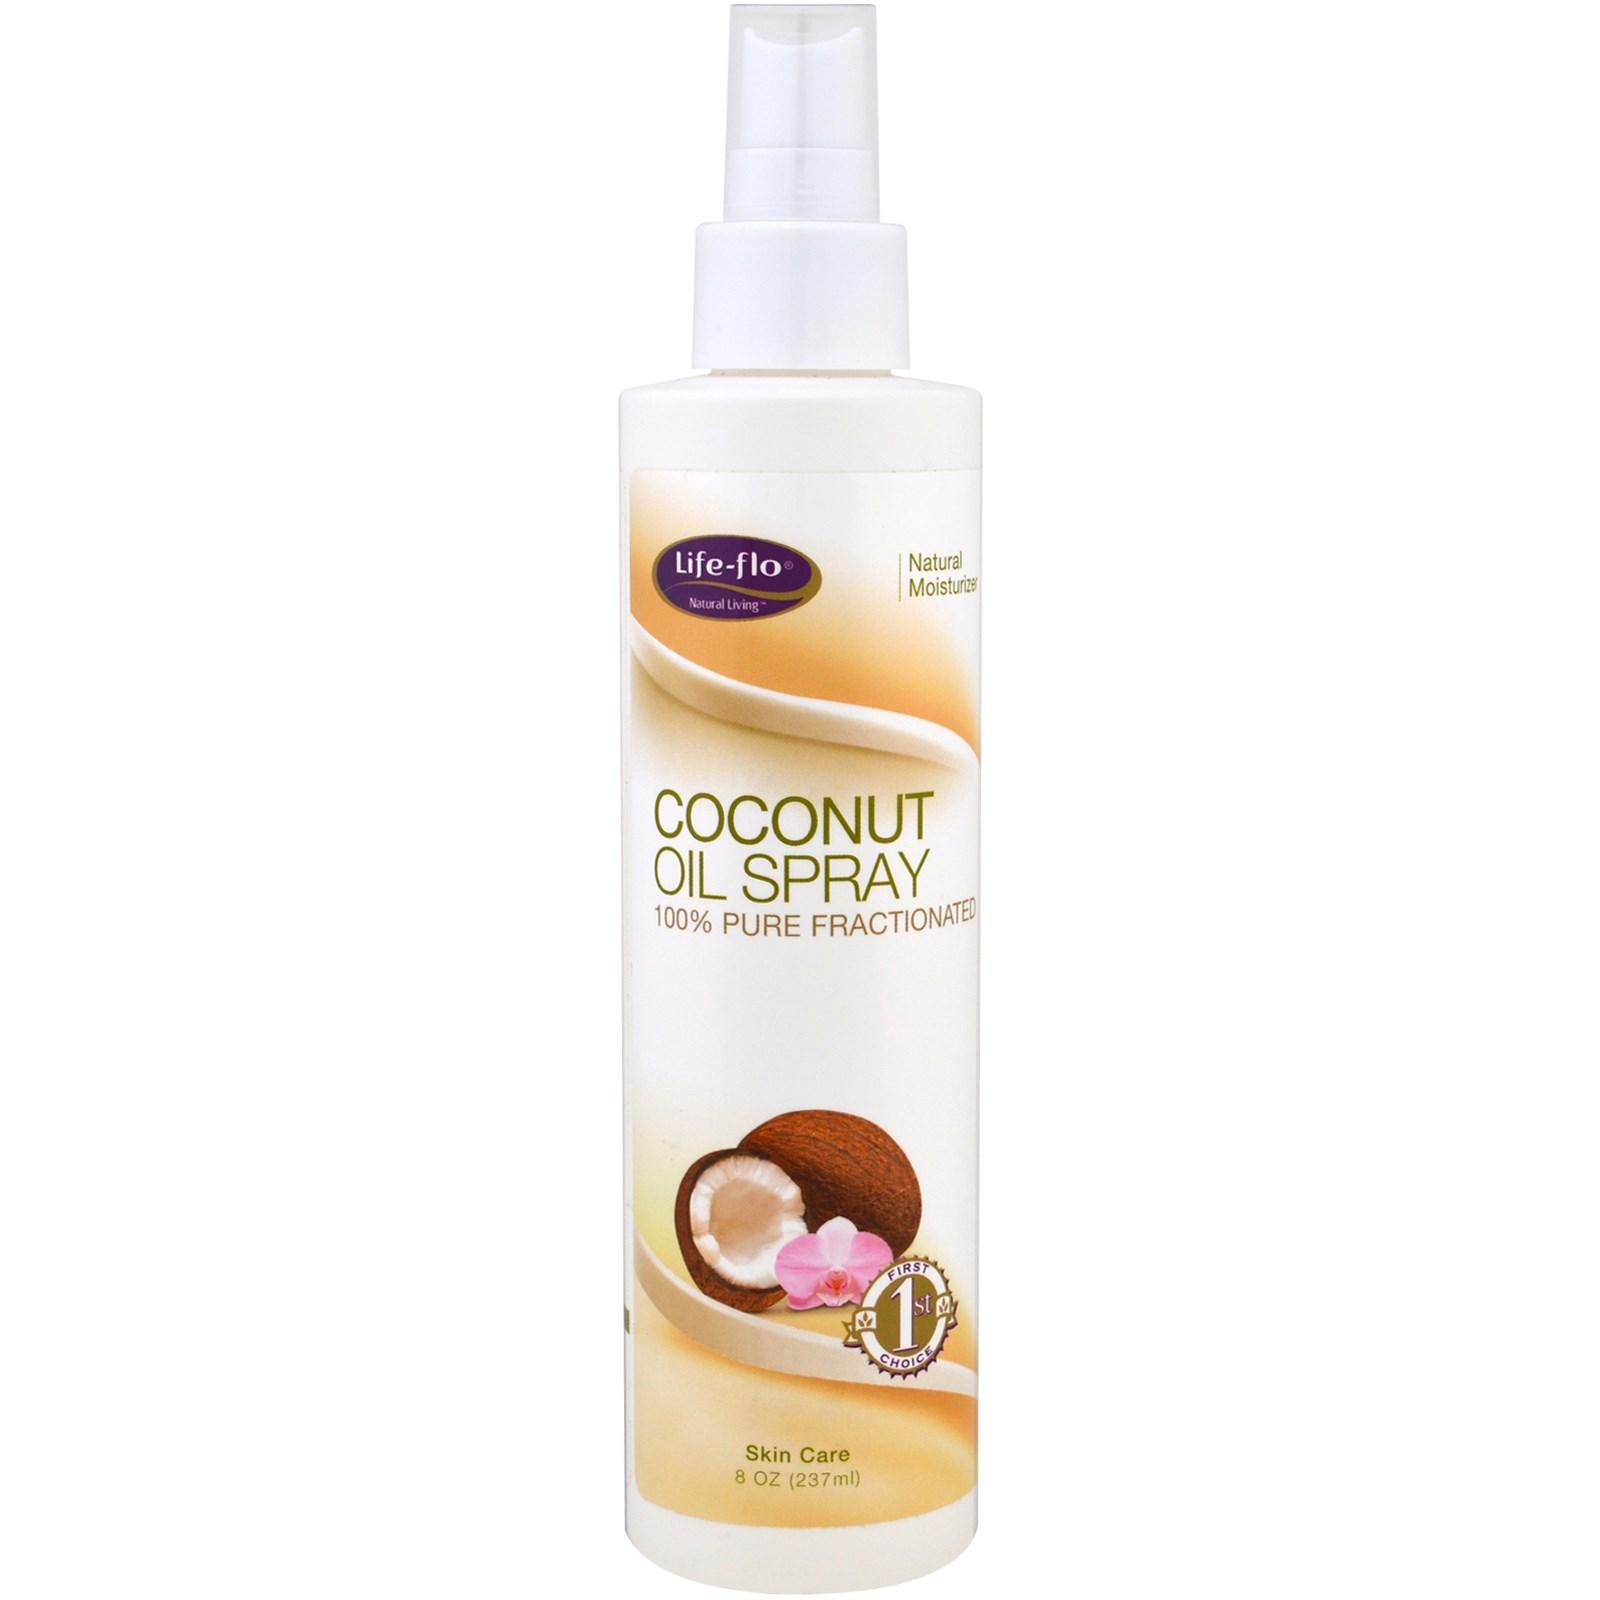 Life Flo Health, Coconut Oil Spray, 100% Pure Fractionated, 8 oz (237 ml)